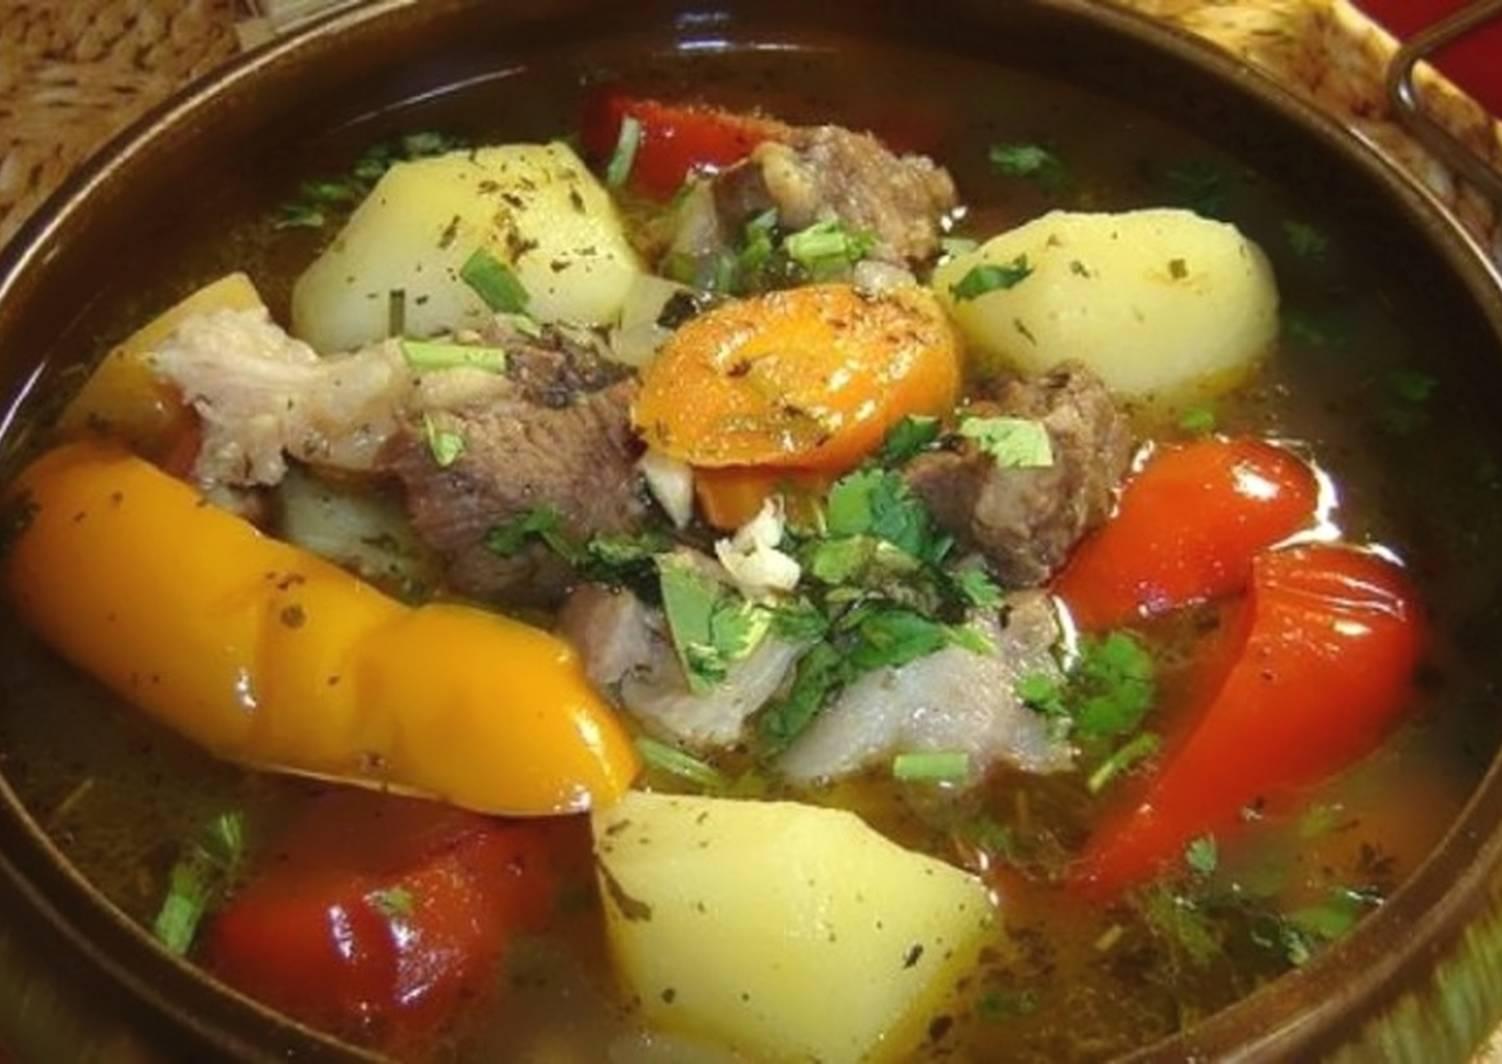 дело том, первые блюда армянской кухни рецепты с фото правильно оказать